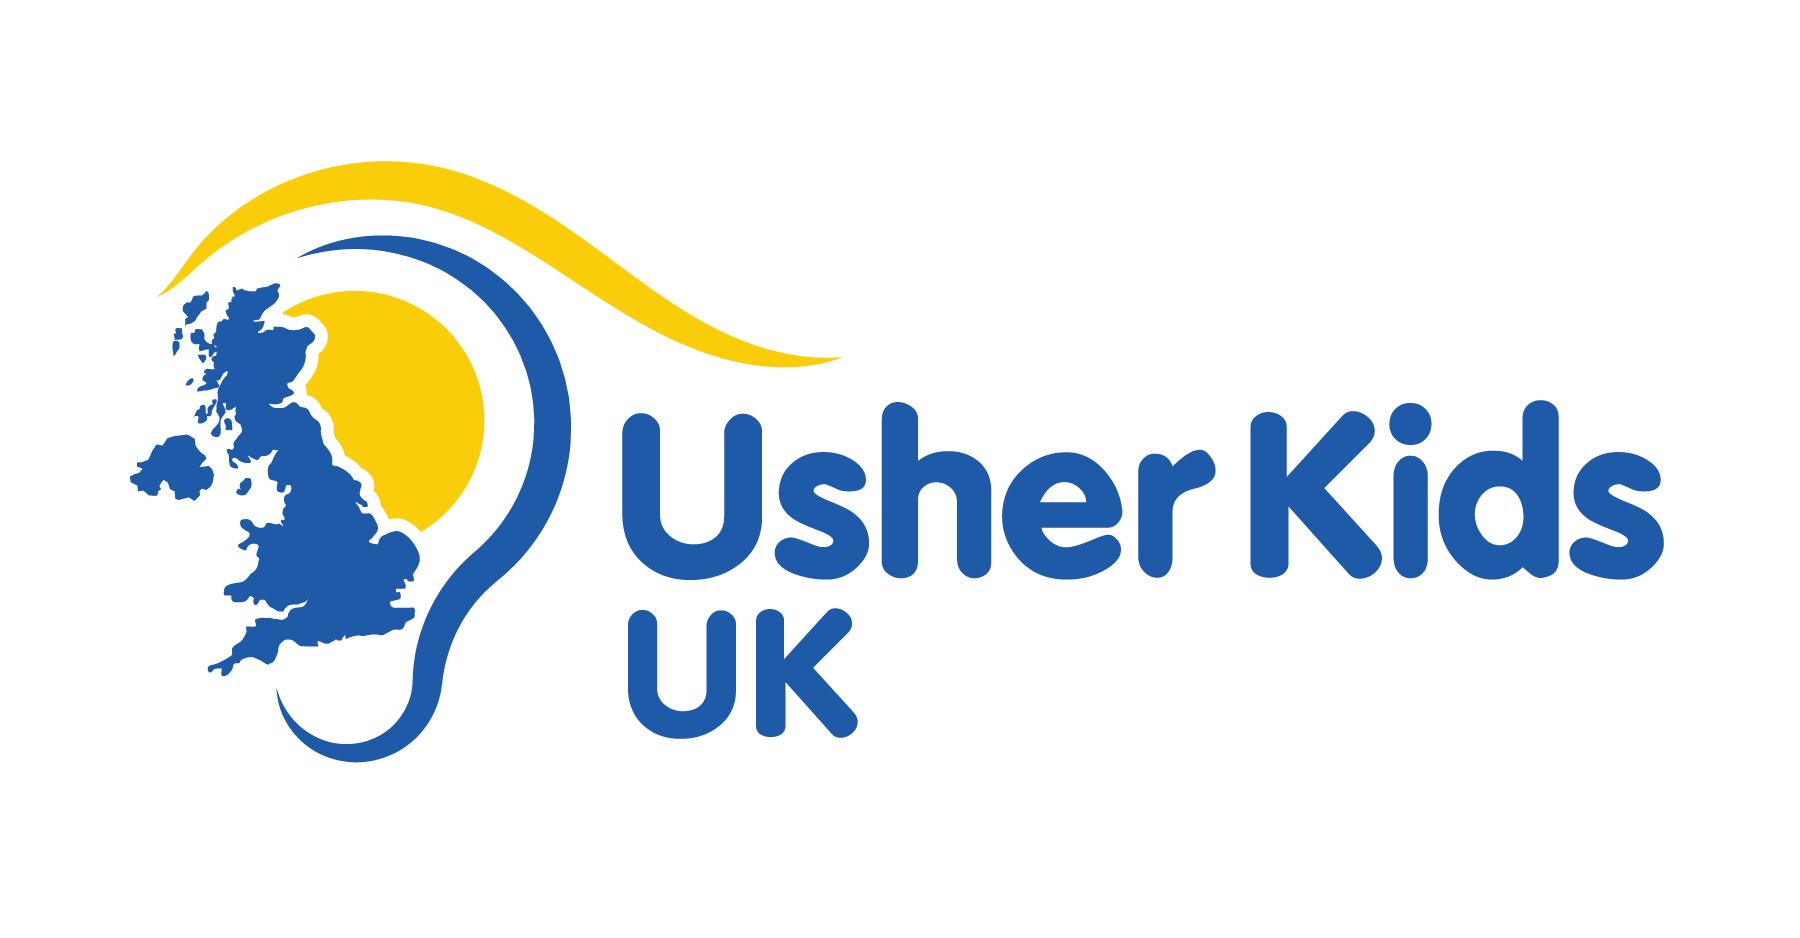 Meet our USH Partner: Usher Kids UK